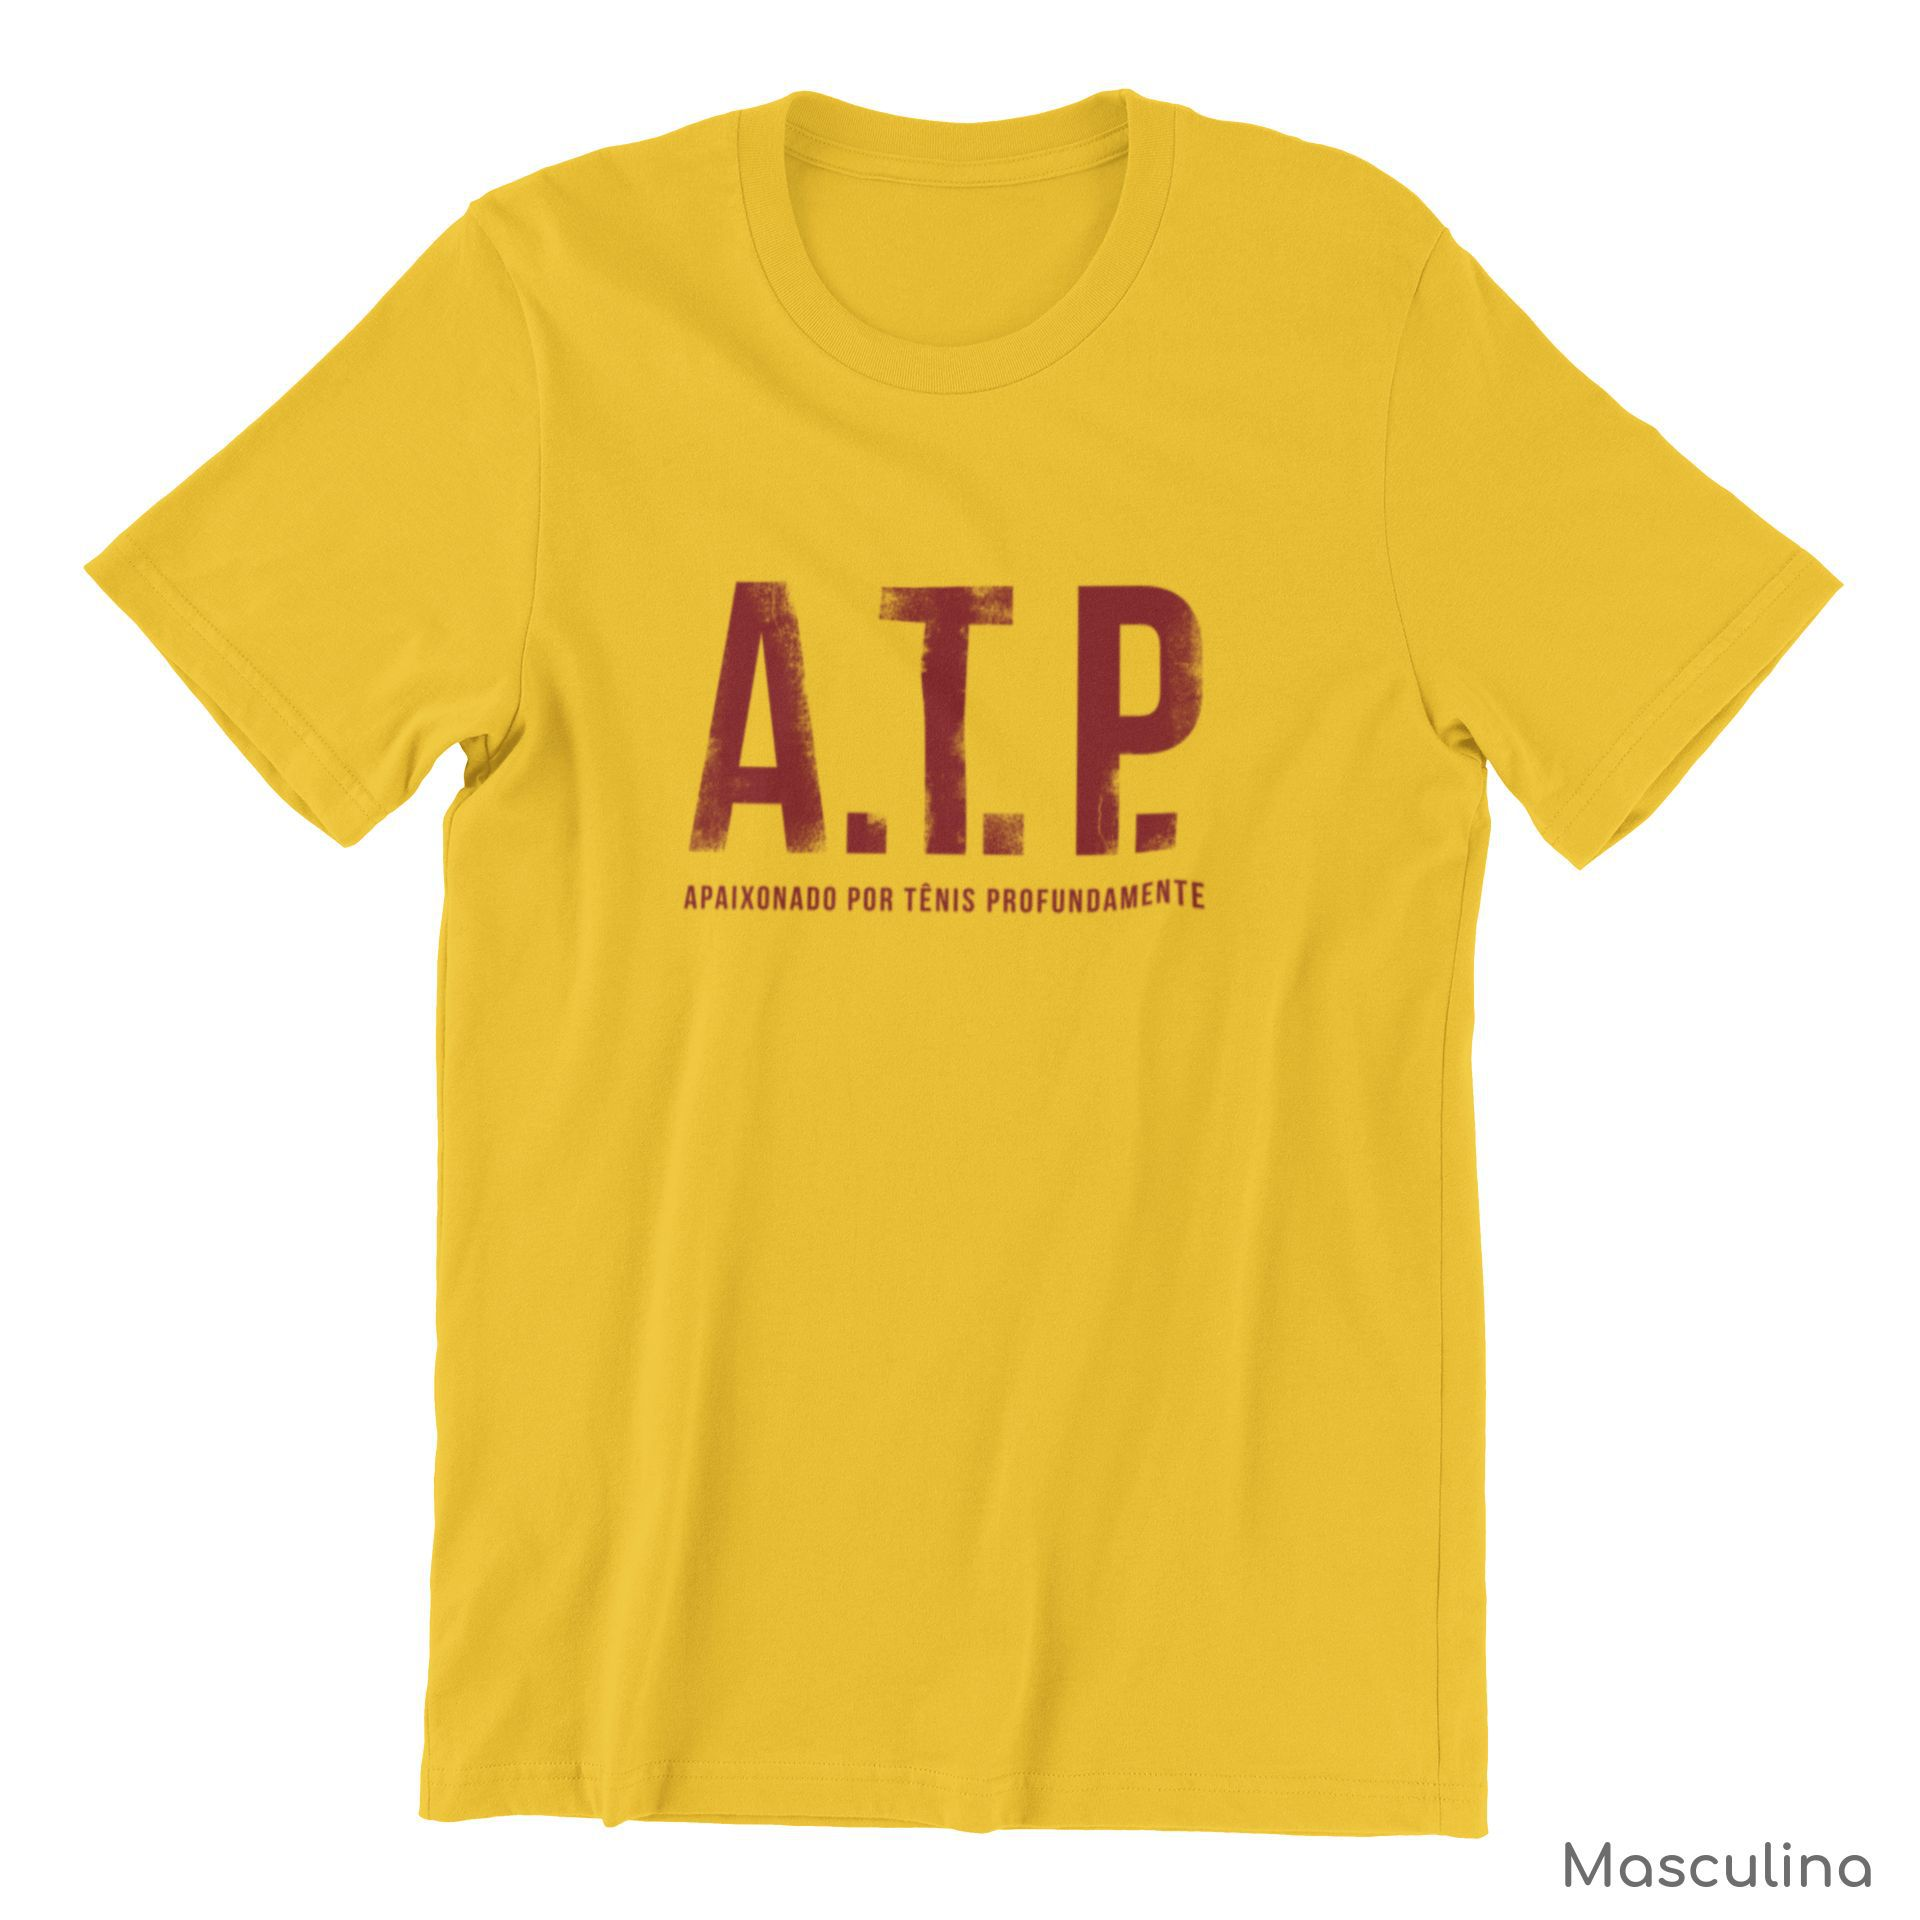 Camiseta ATP (APAIXONADO POR TÊNIS PROFUNDAMENTE) >> Coleção 2019 >> MASCULINA